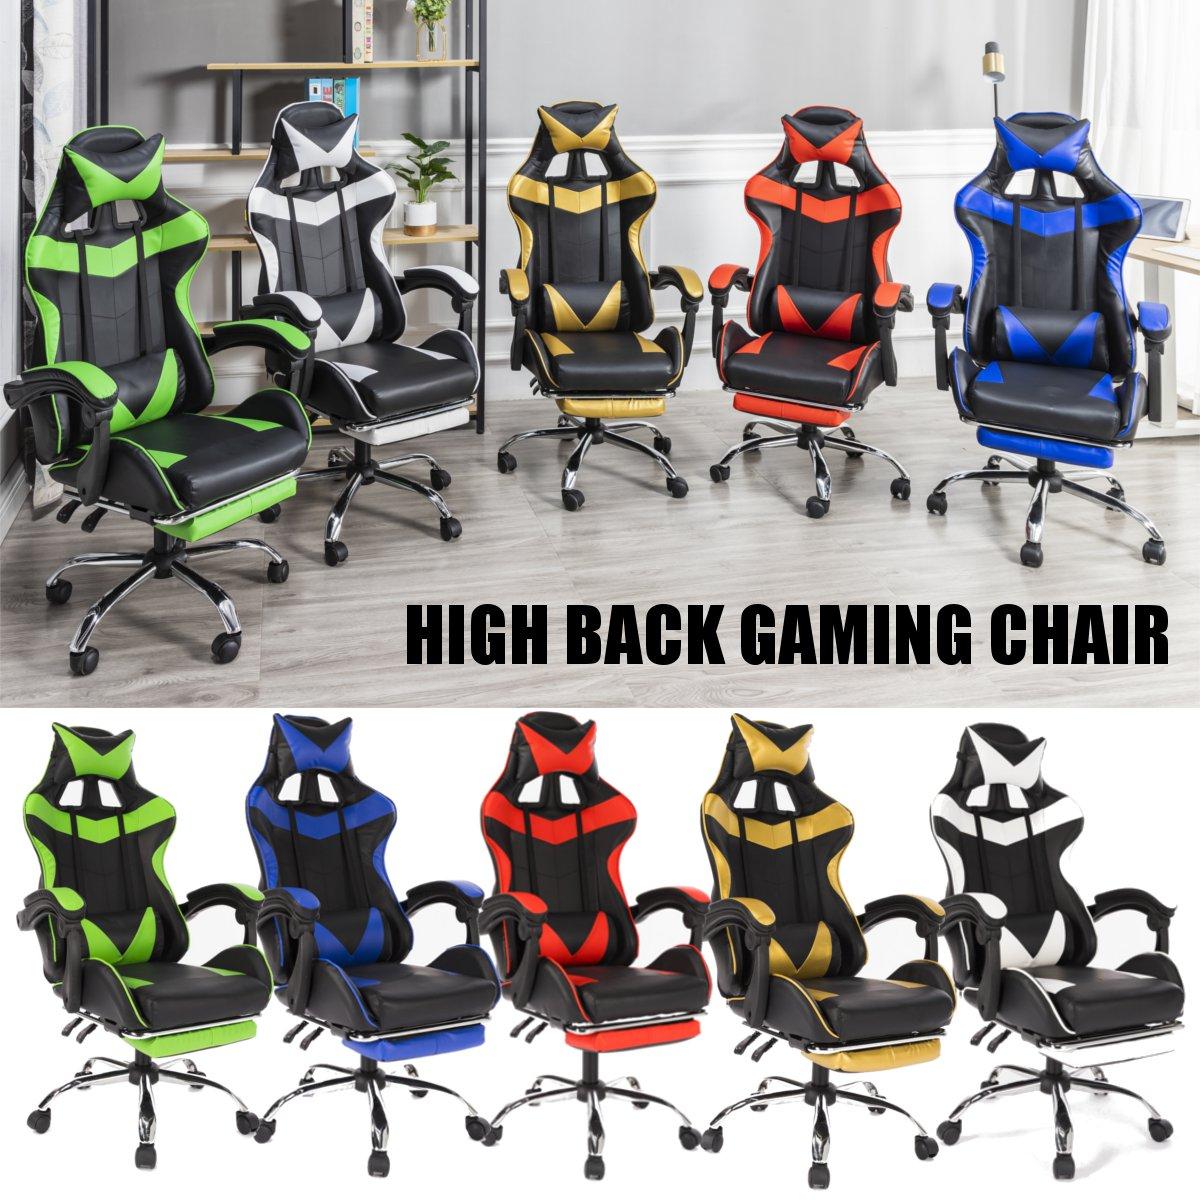 5 цветов, игровой стул из искусственной кожи для гонок, офисный высокий задник, эргономичный кресло с подставкой для ног, профессиональный к...